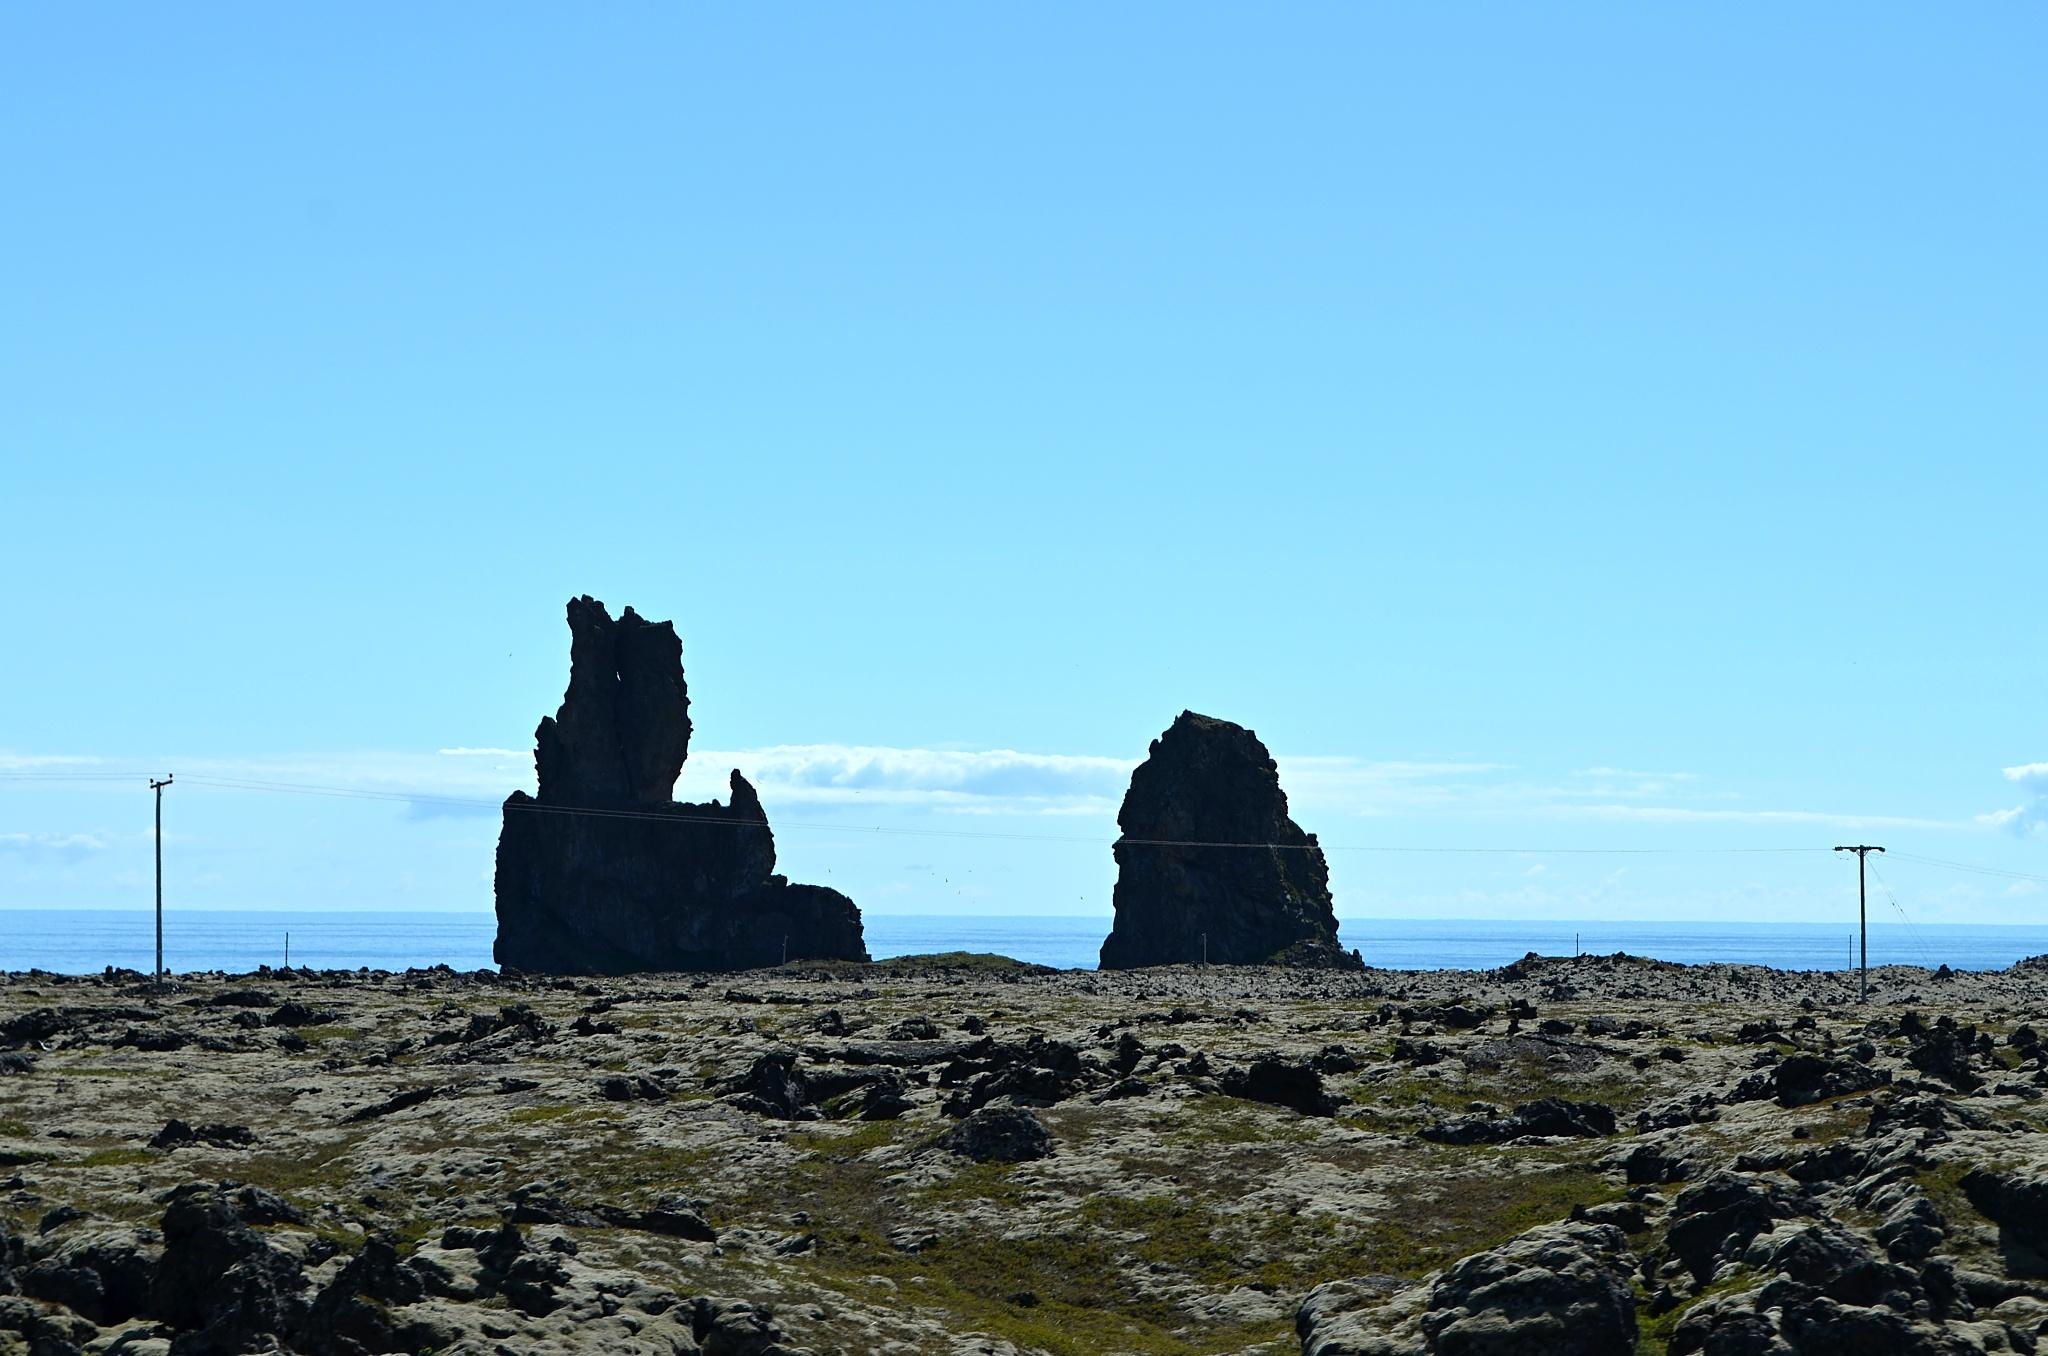 Zajímavé skály v moři na jih od ledovce Snæfellsjökull.